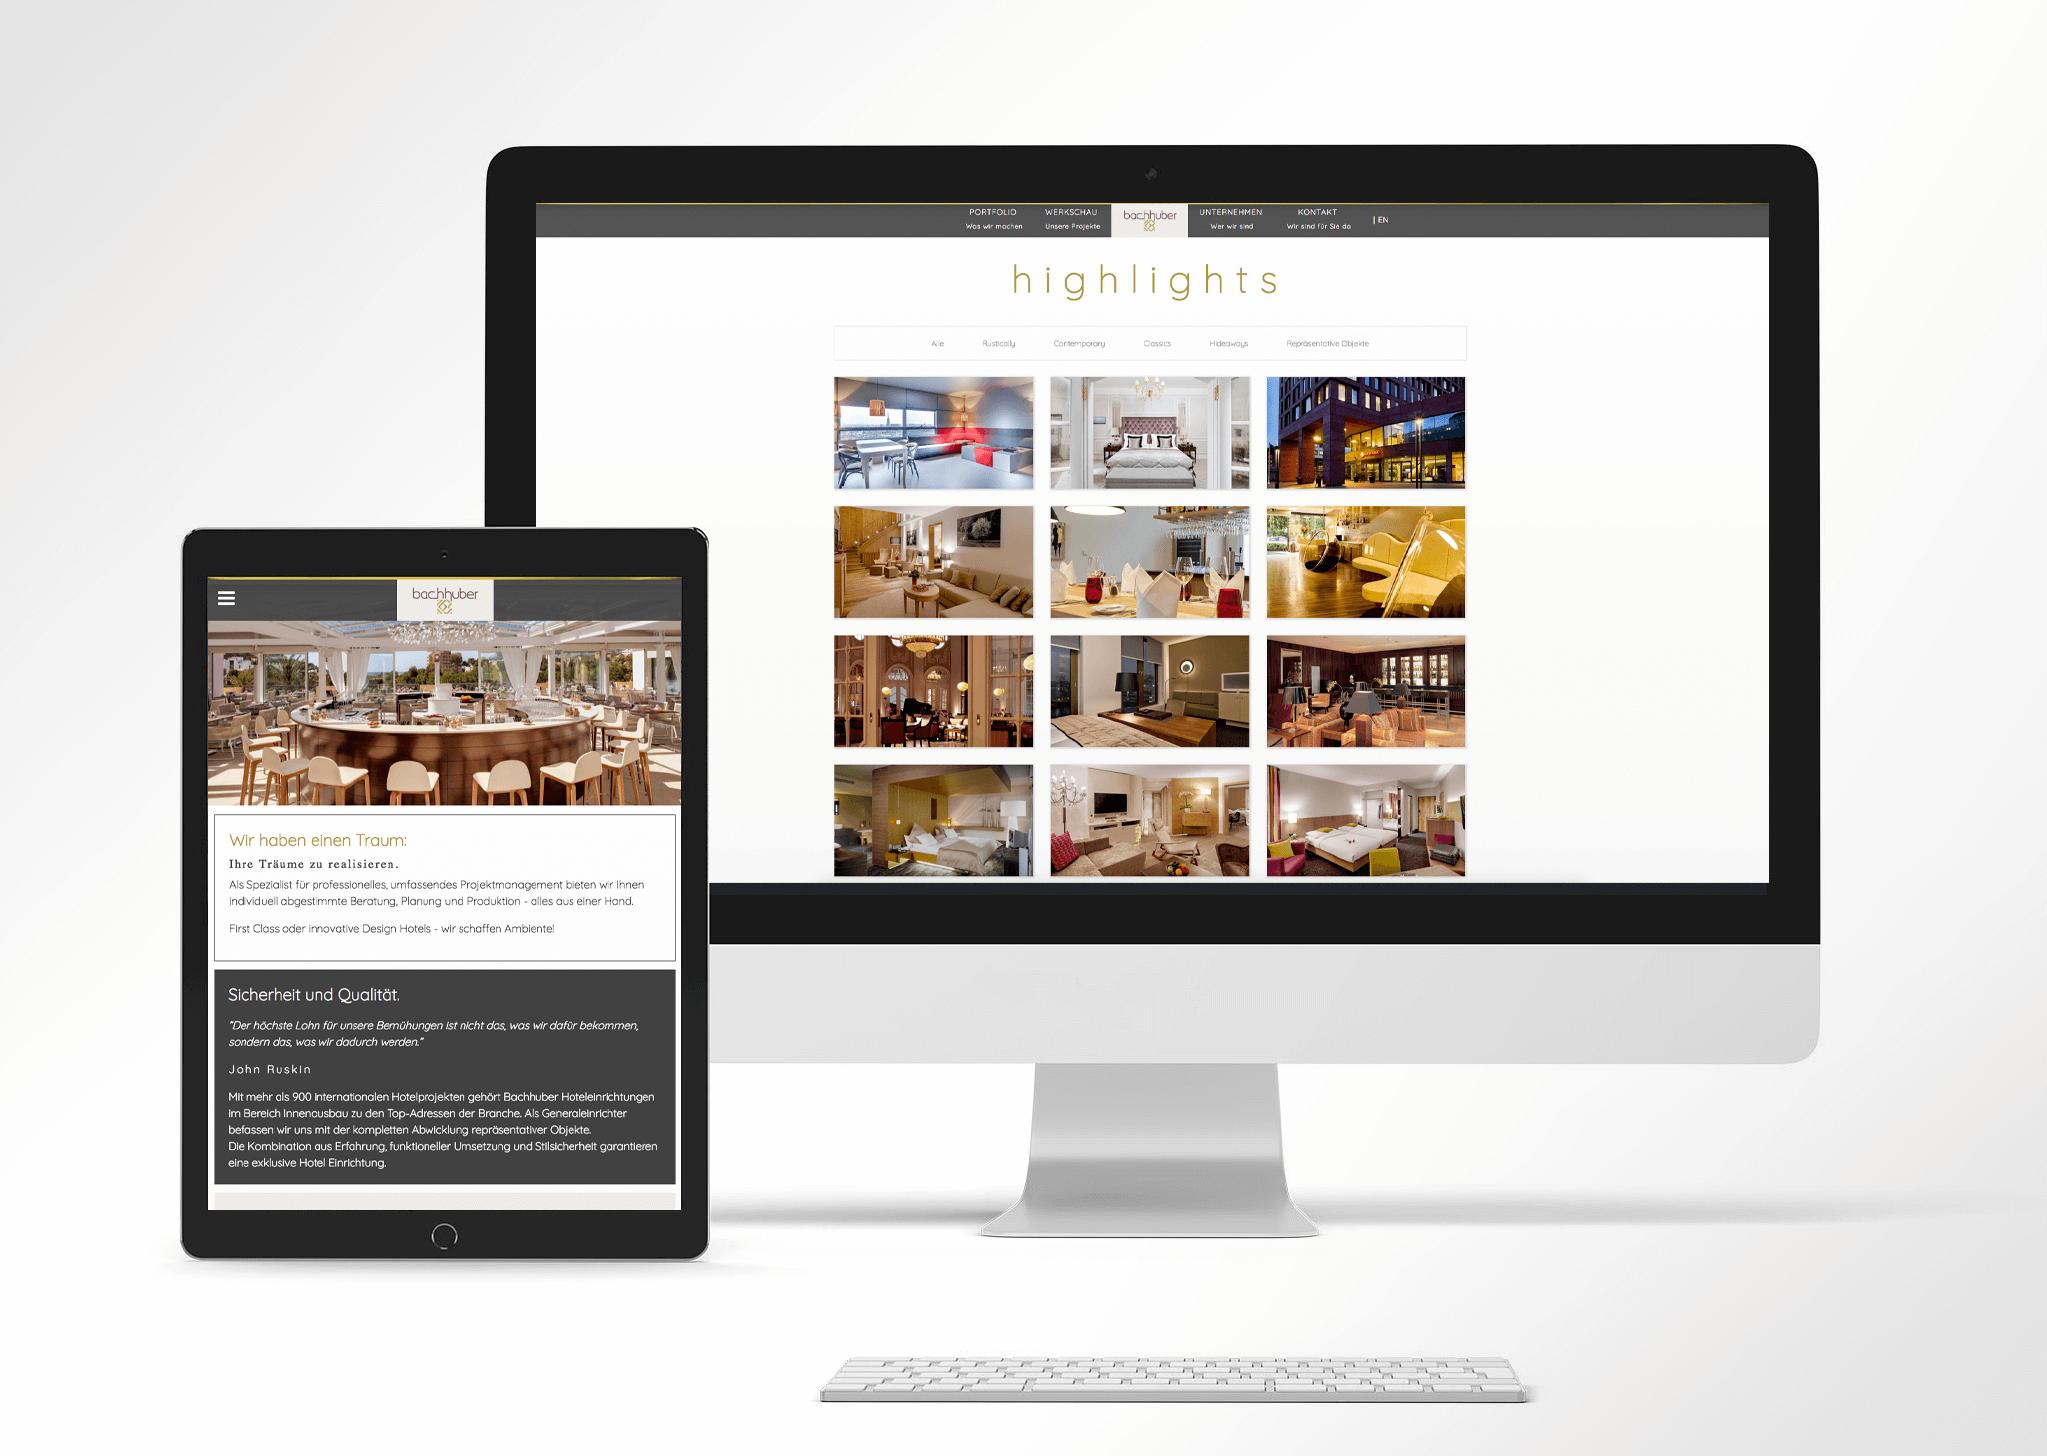 Webdesign Eggenfelden - Haberland - Portfolio Bachhuber